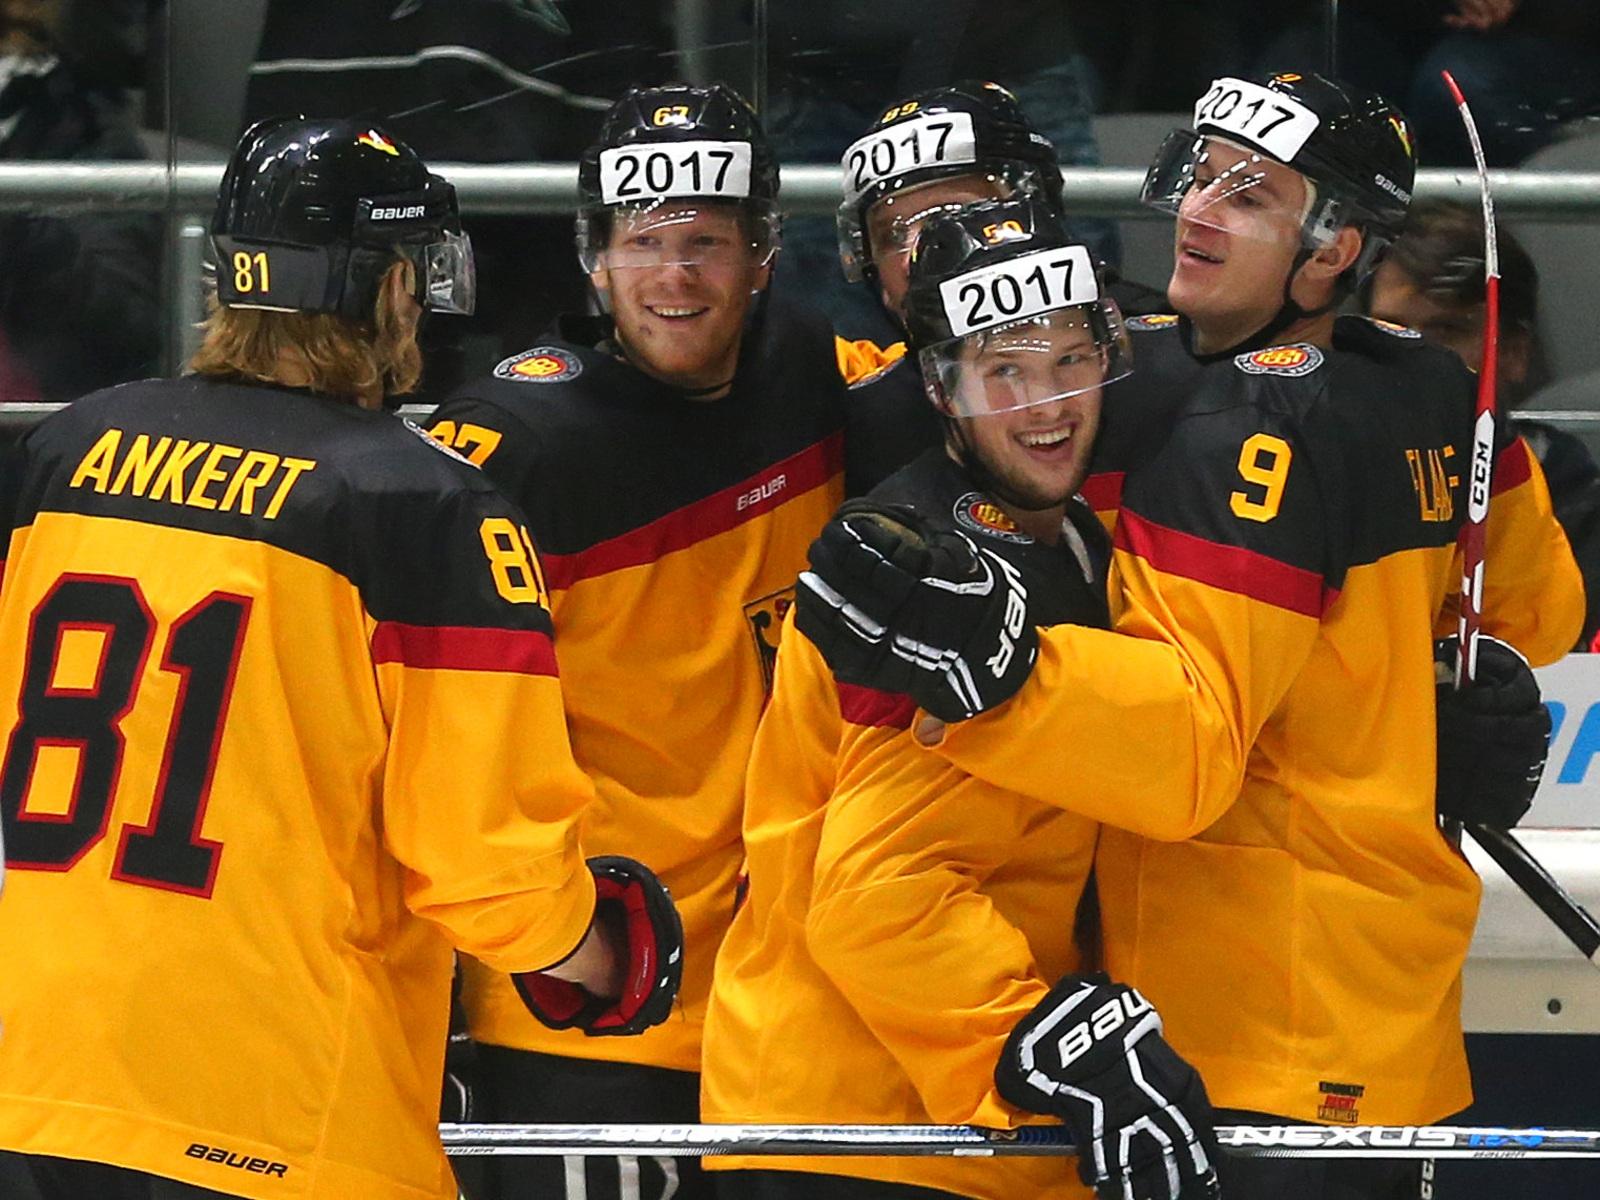 Deb Team Gewinnt Deutschland Cup Bei Sturm Debüt